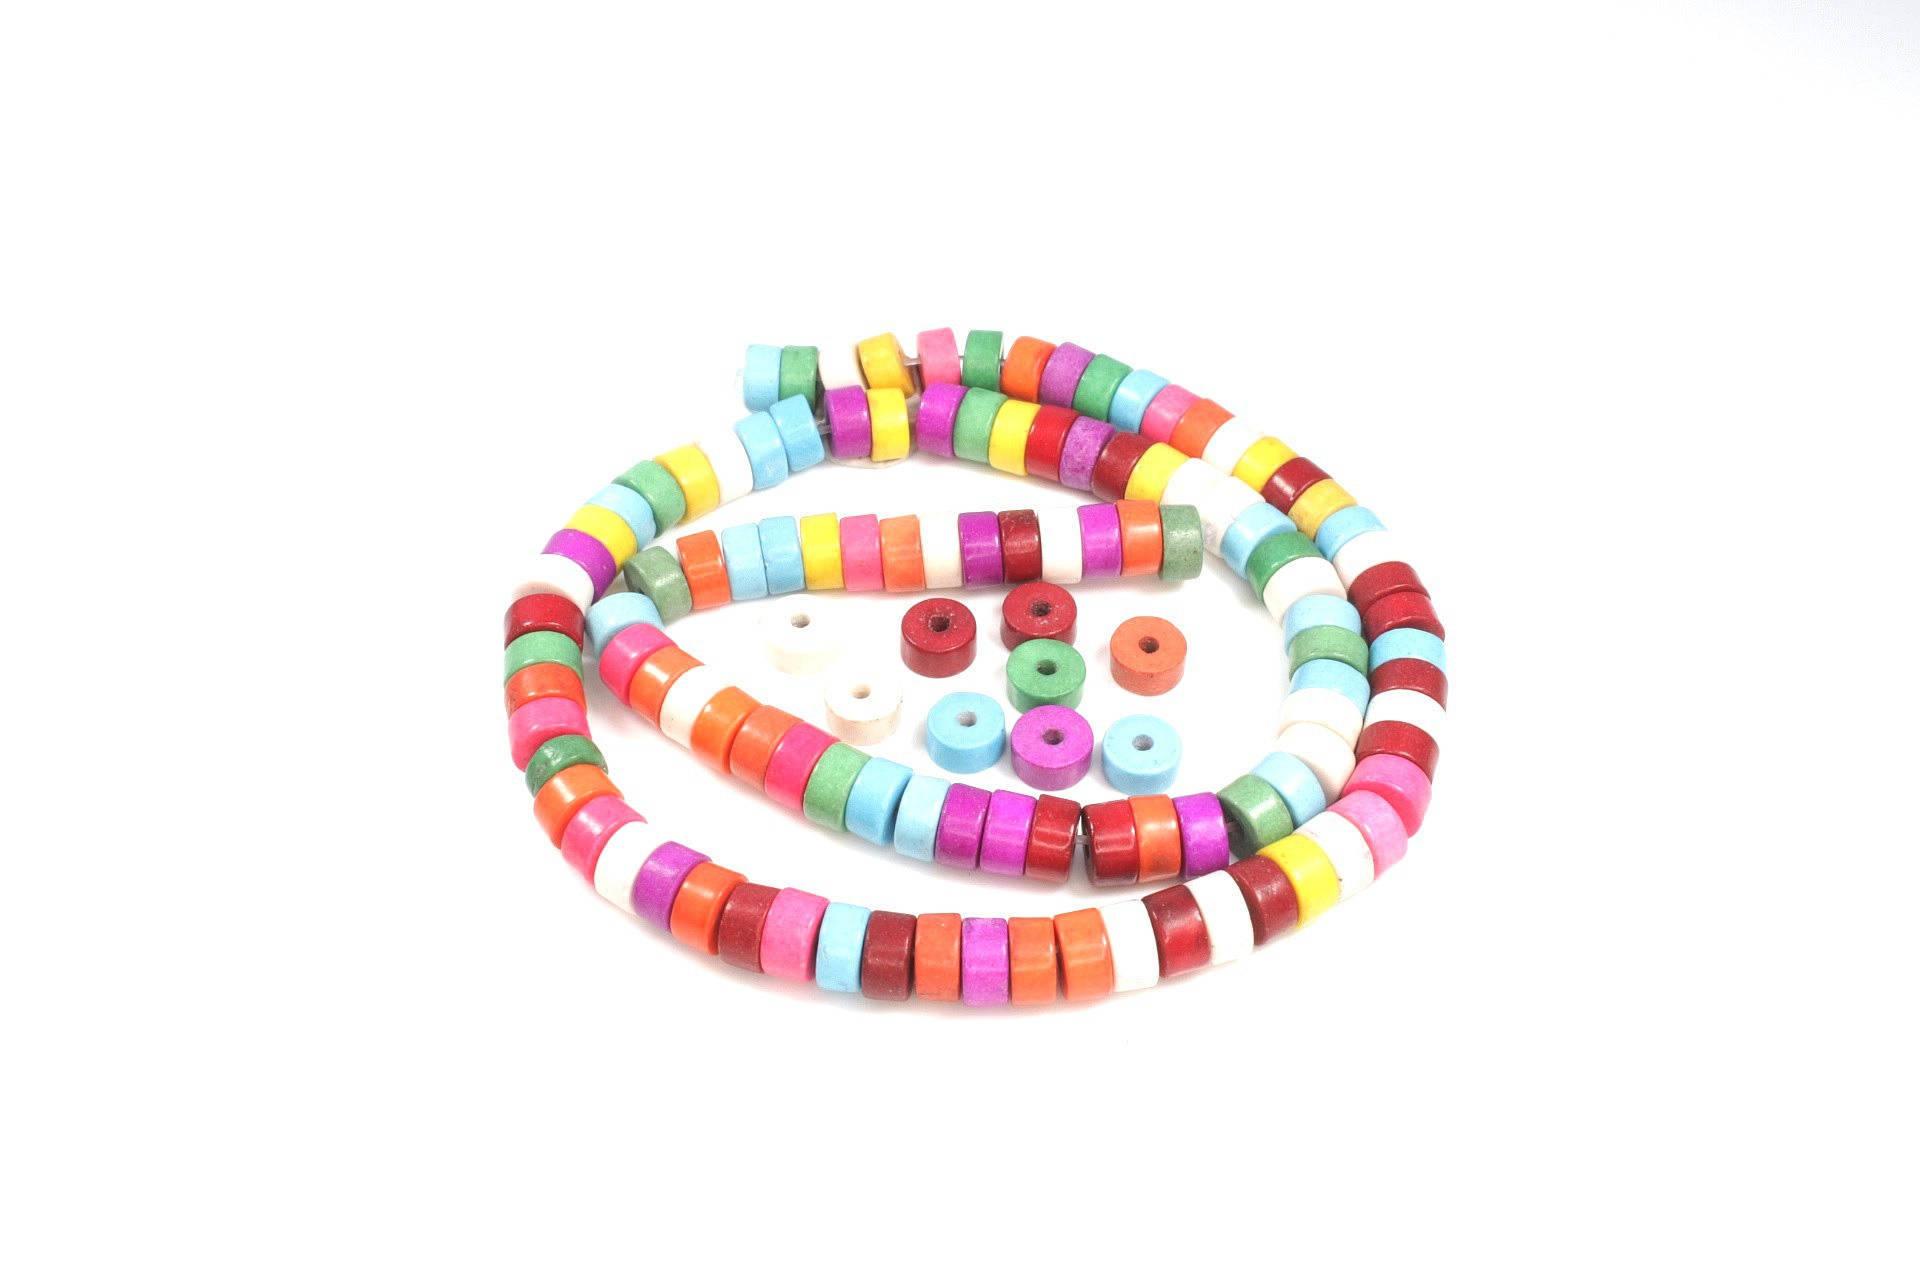 50 perles rondelle en turquoise synthétique multicolore + /- 6 x 3mm